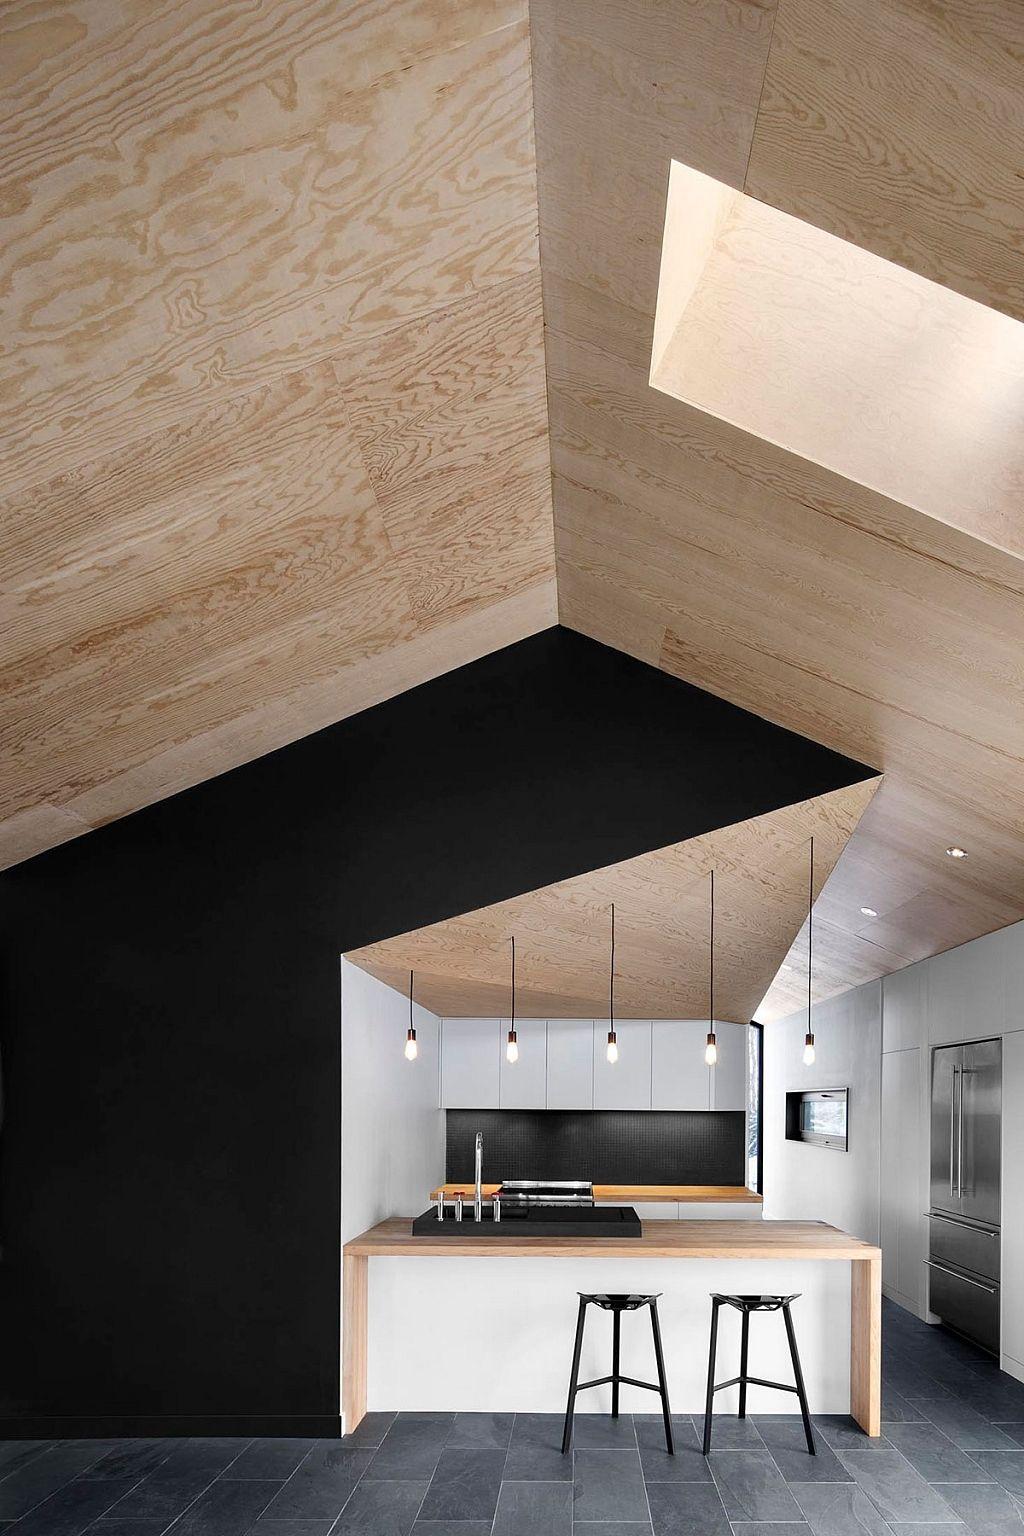 Luces para la isla | cheseaux | Pinterest | Arquitectura, Interiores ...